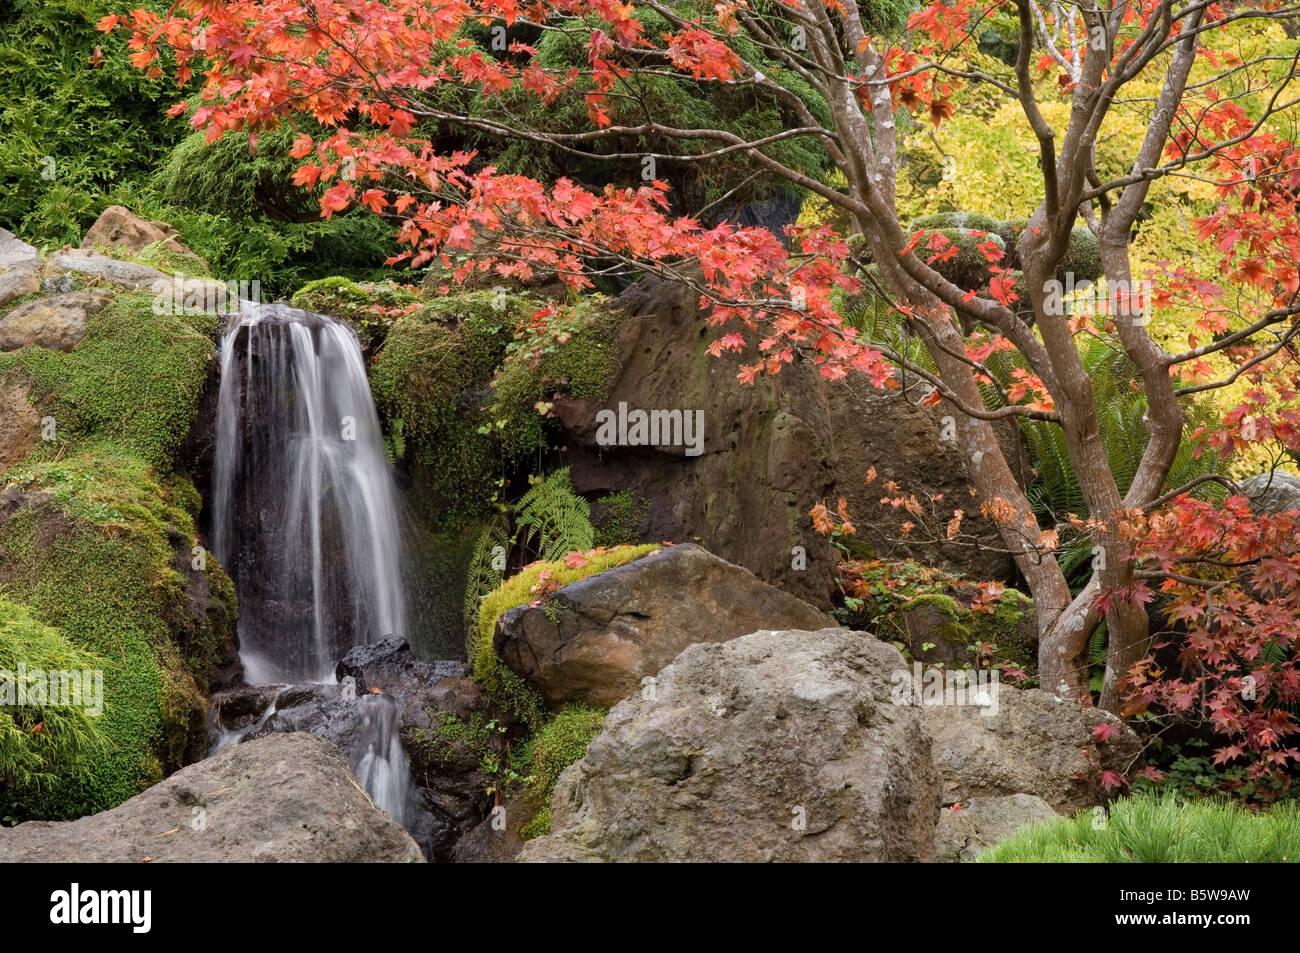 Japanese Tea Garden In Golden Gate Park San Francisco California